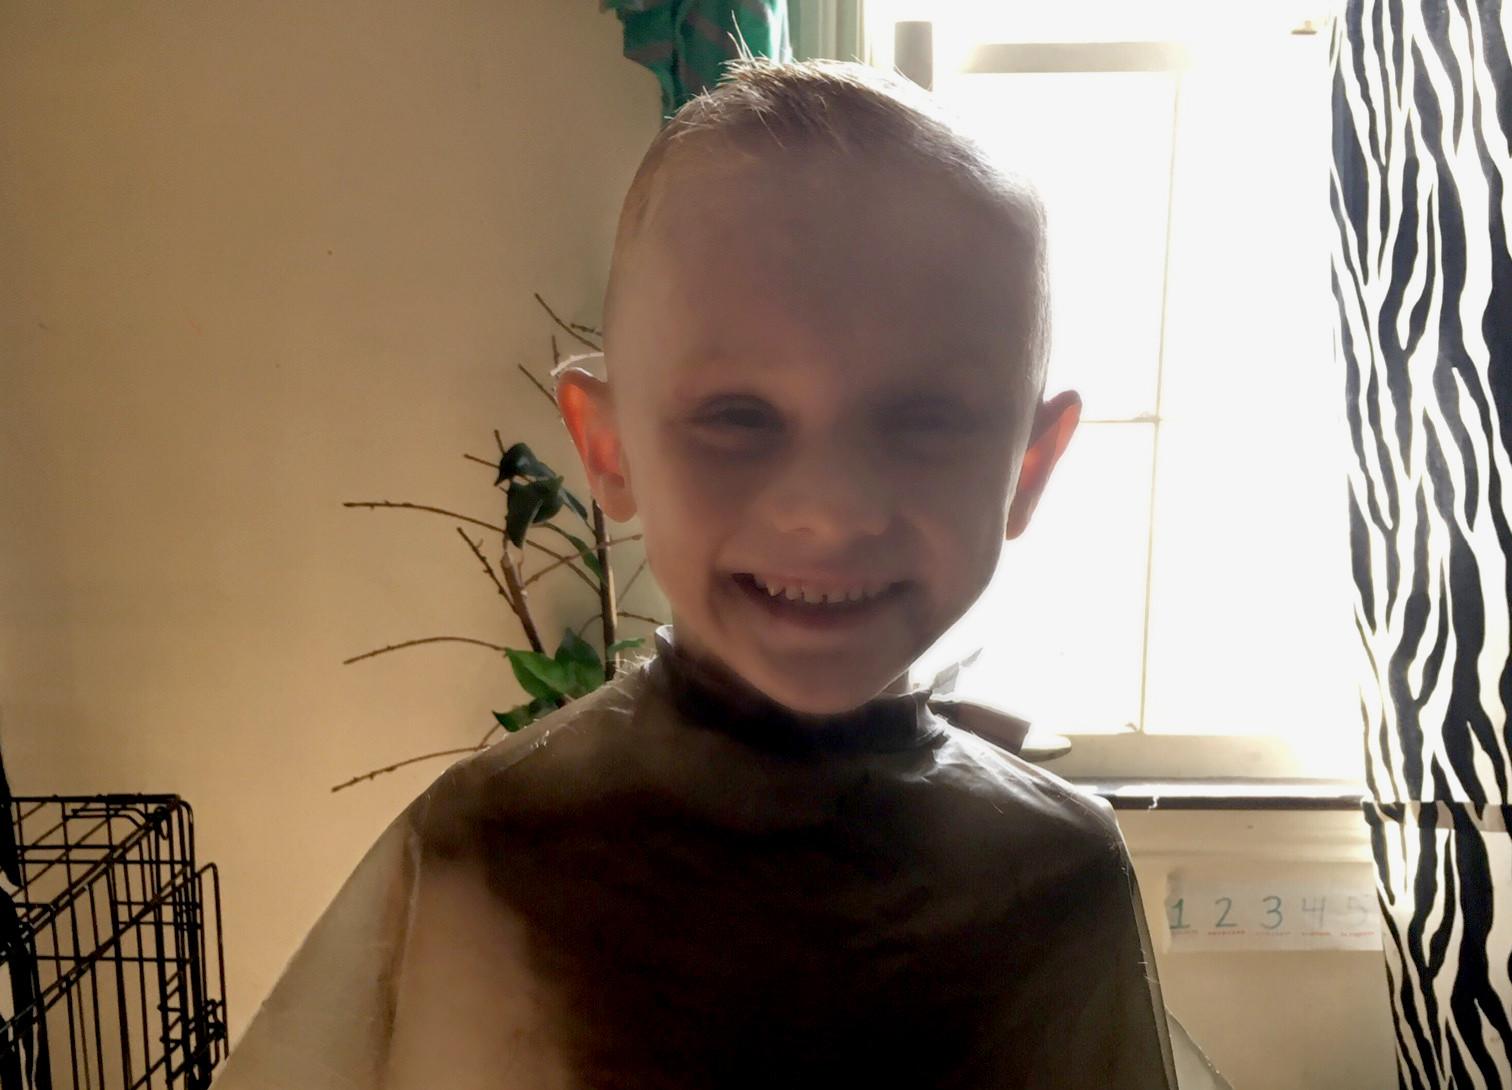 Polícia procura menino de 5 anos. Pais suspeitos após descarte de rapto